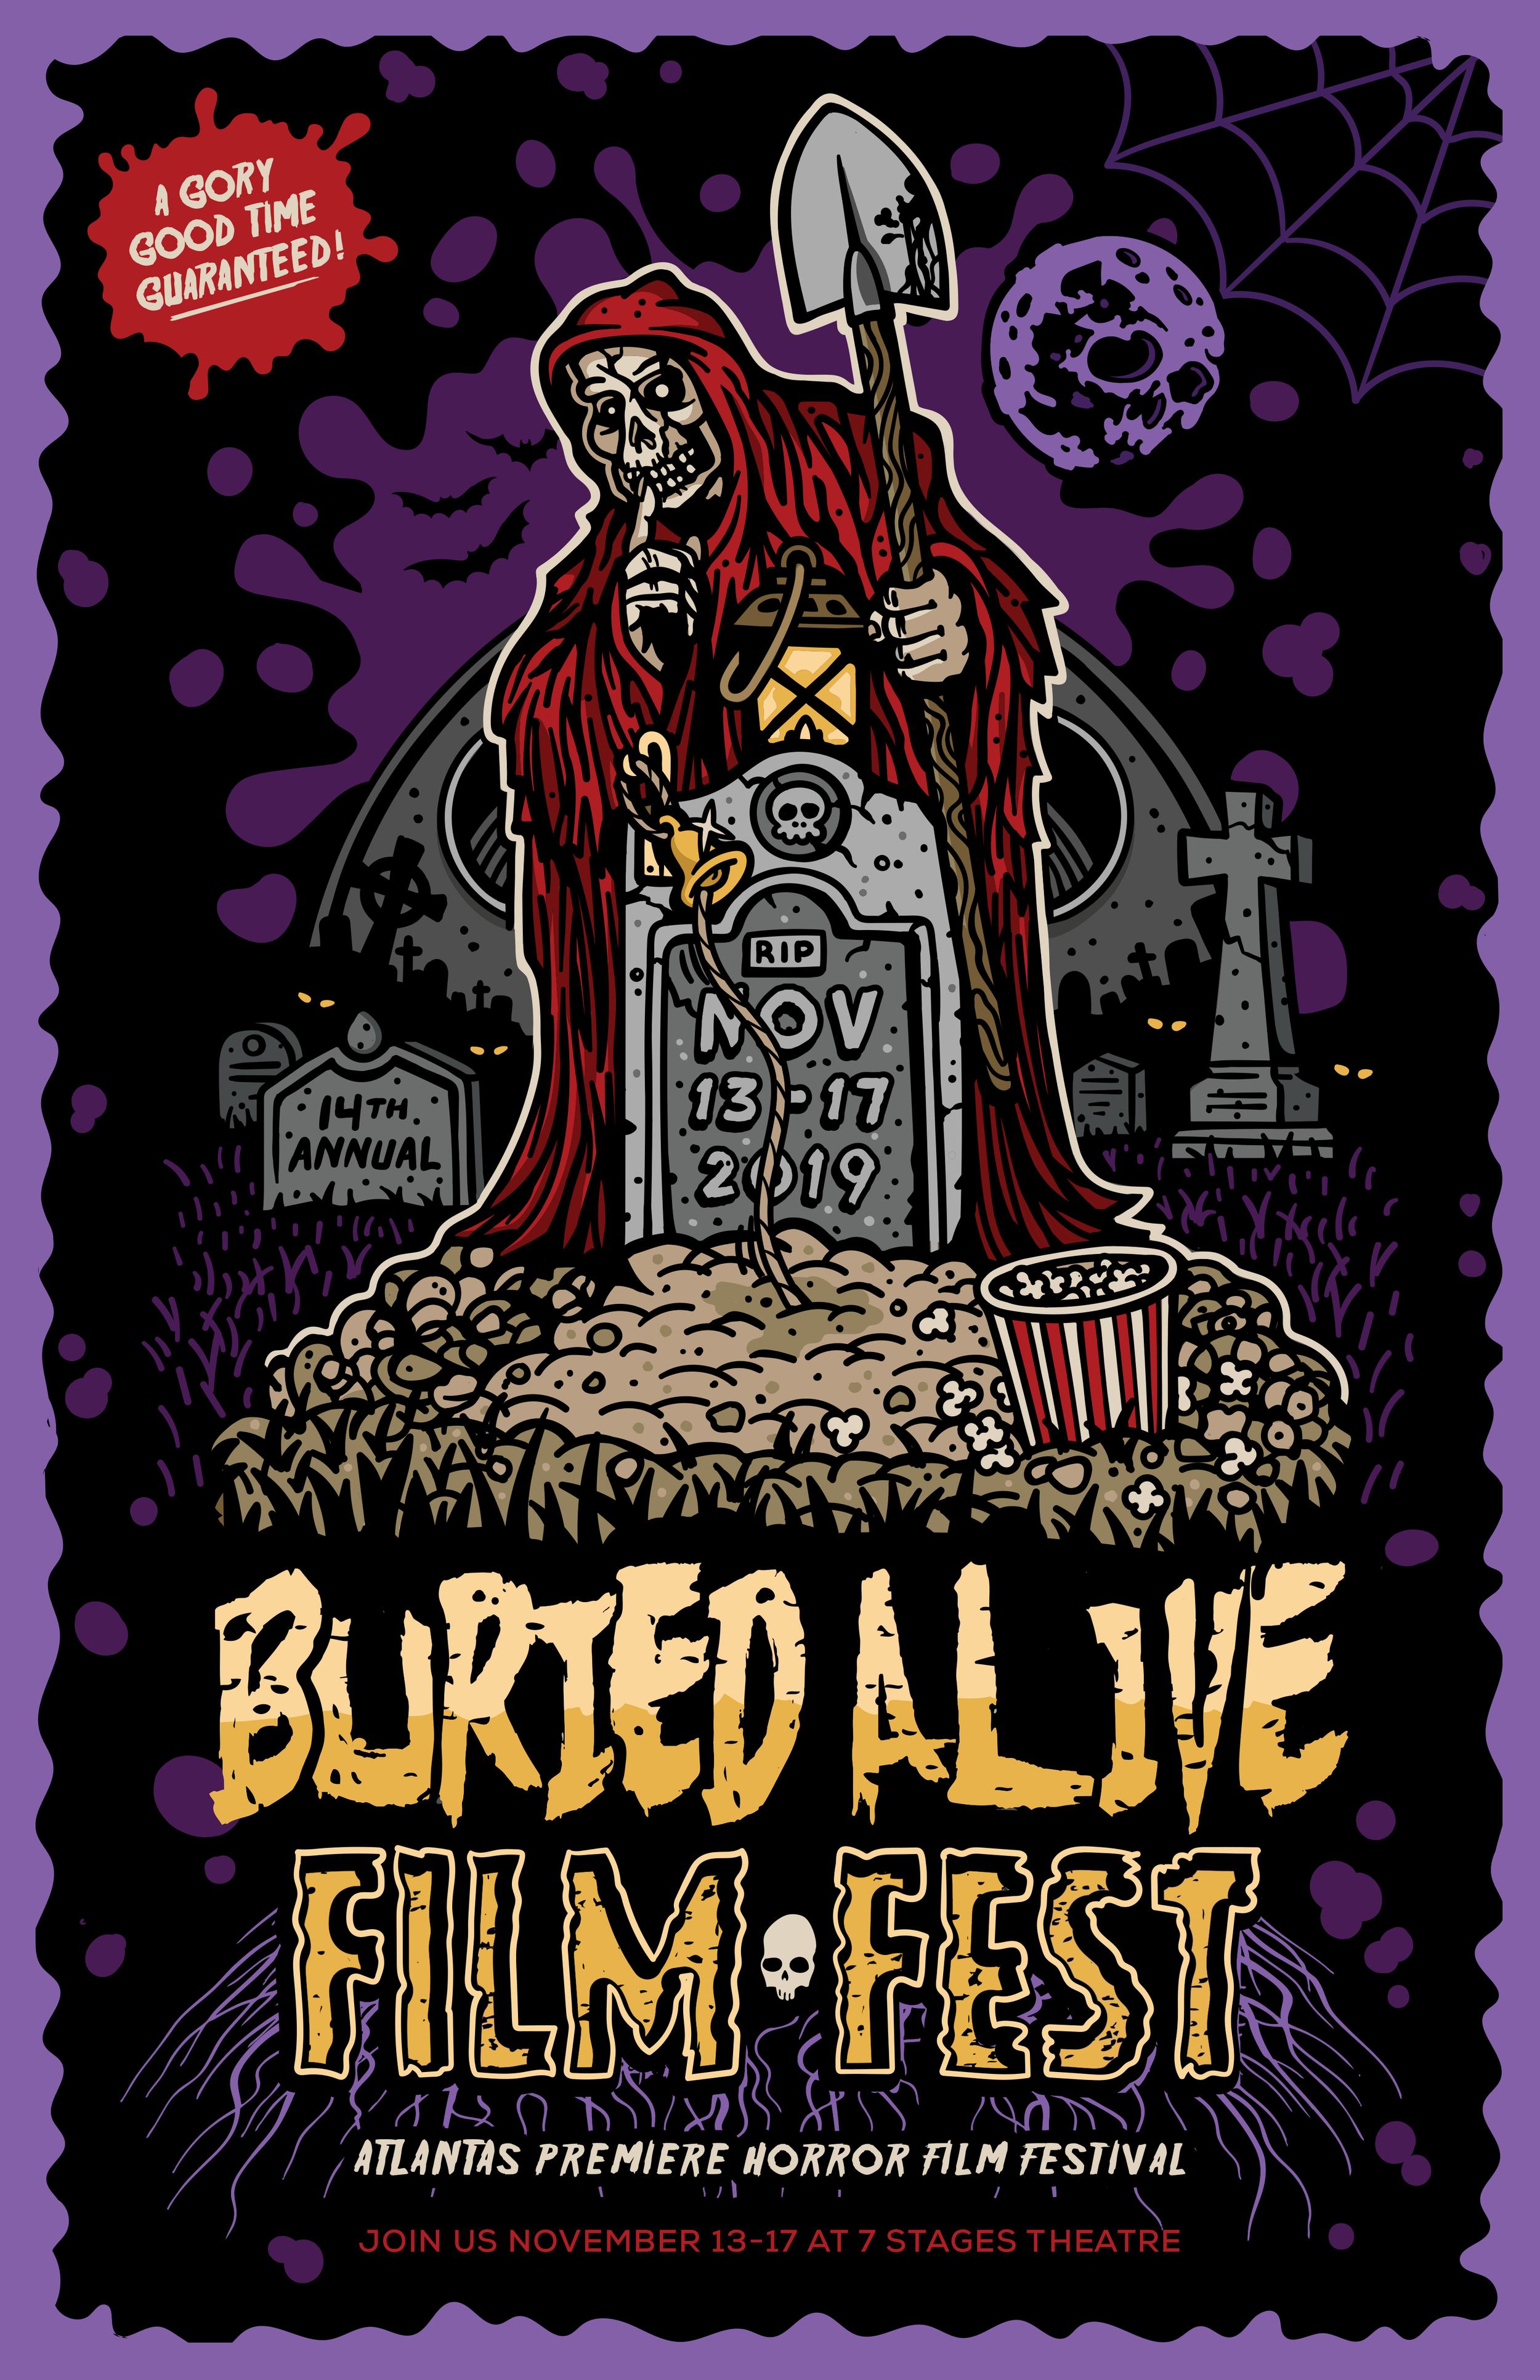 Buried Alive Film Festival 2019 Poster | Artist: Matt Albert